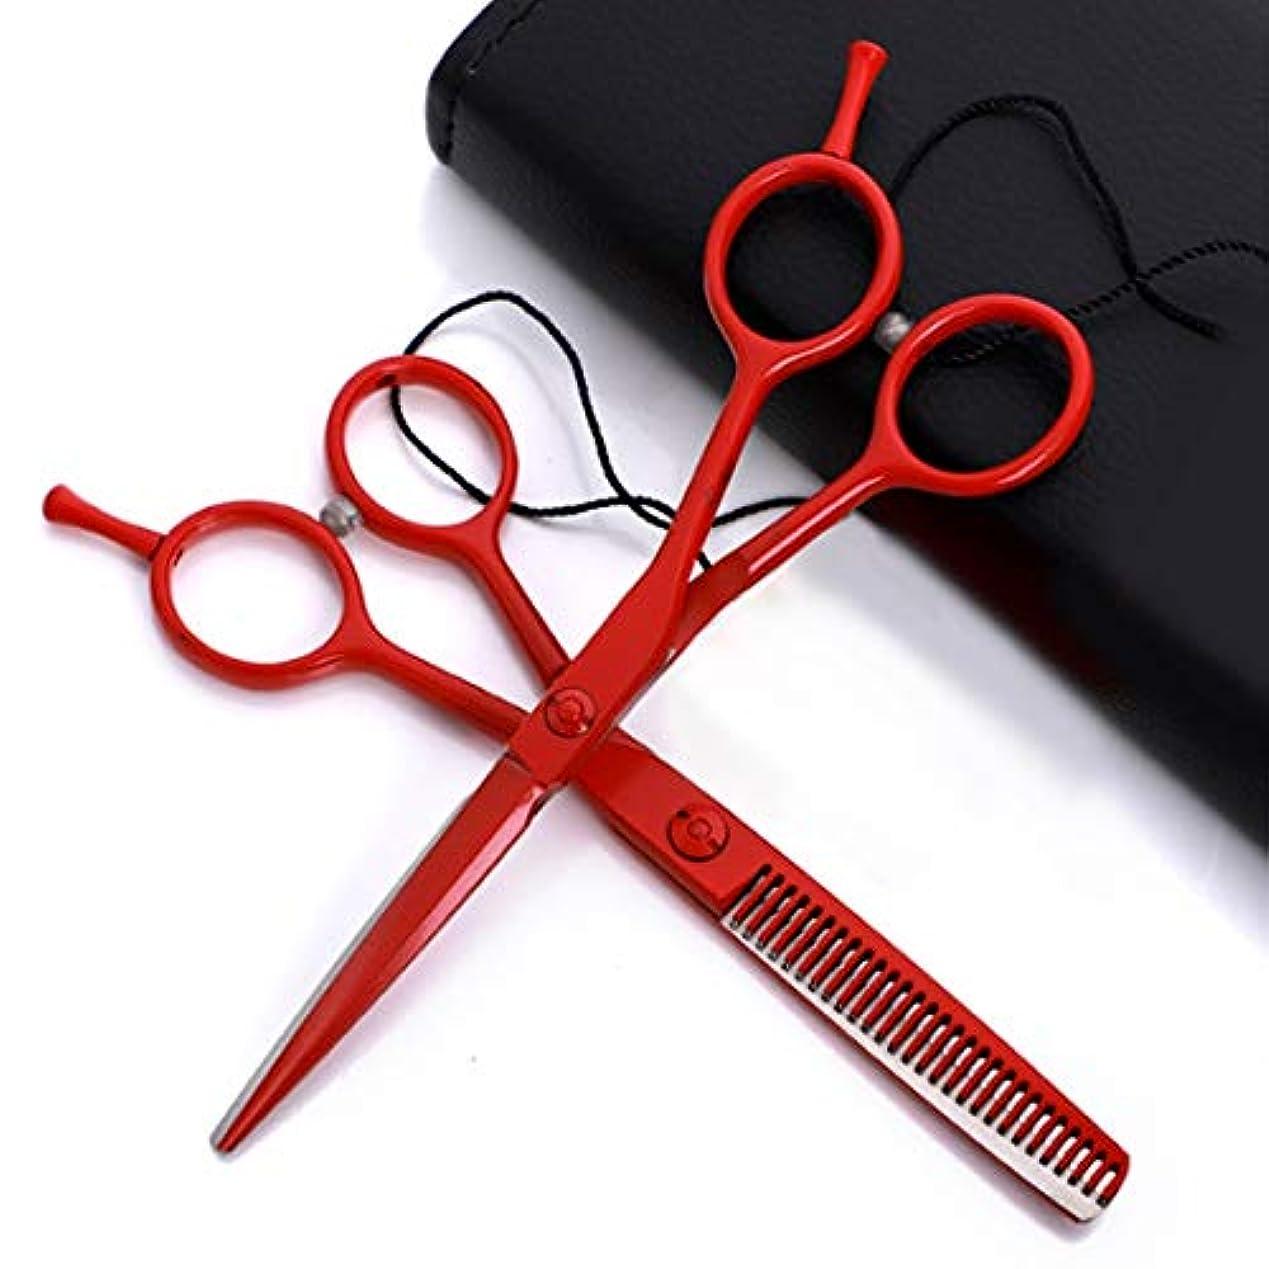 限りなくハイライト計器理髪用はさみ はさみヘアプロフェッショナルはさみキットフラットはさみ/歯はさみカラーペイント理髪はさみ5.5インチヘアカットはさみステンレス理髪はさみ (色 : Red flat+tooth suit)